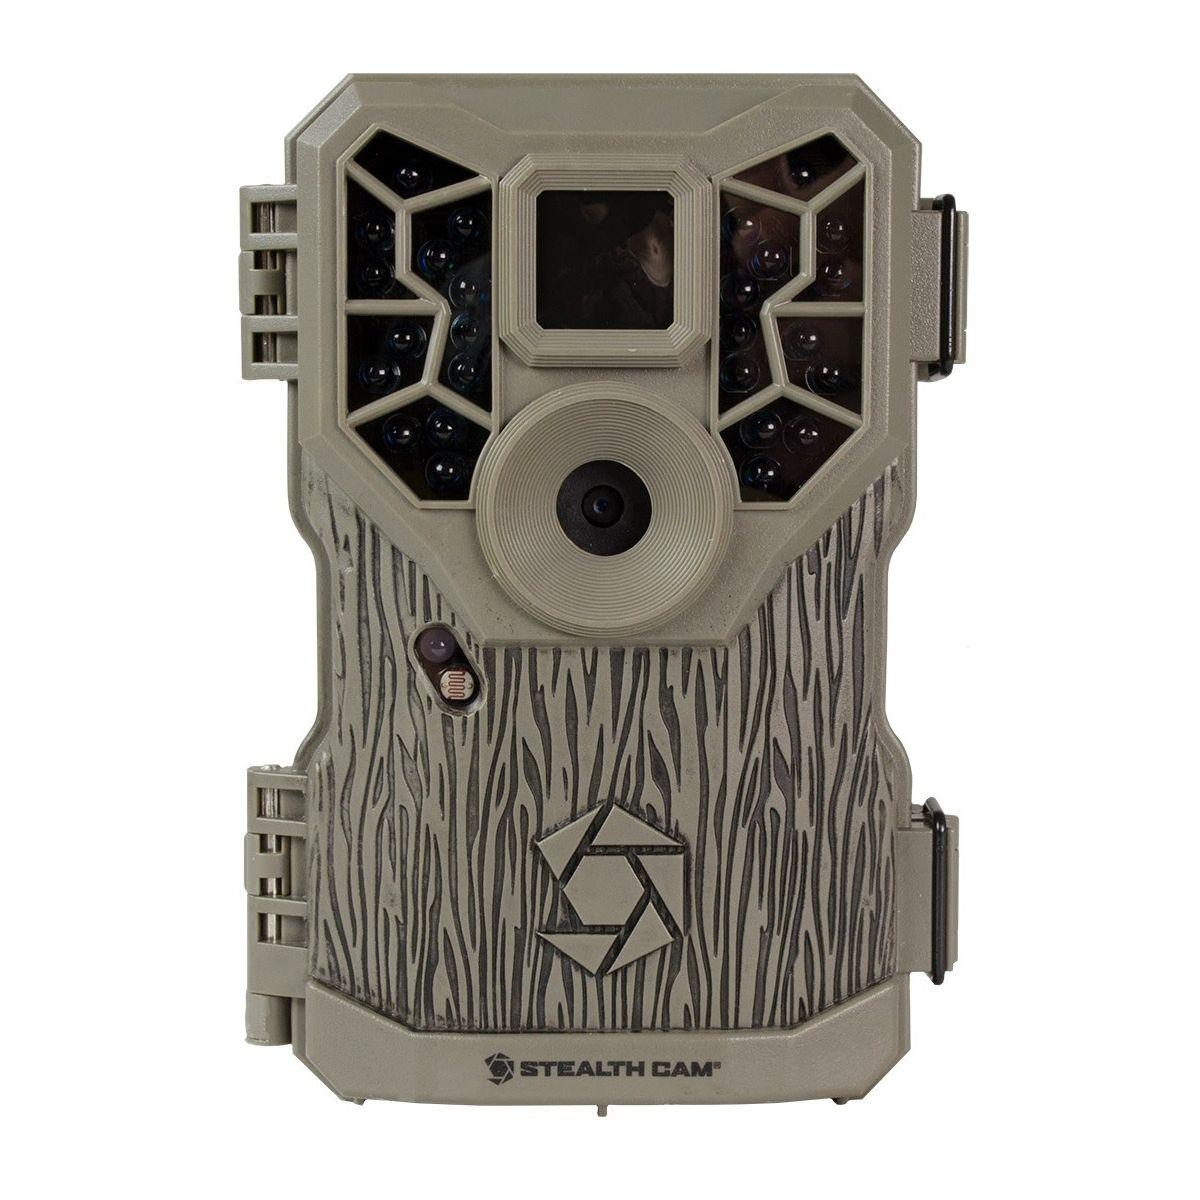 Appareil photo compact gsm outdoors automatique d'observation px26ng - 5% de remise imm�diate avec le code : school5 (photo)